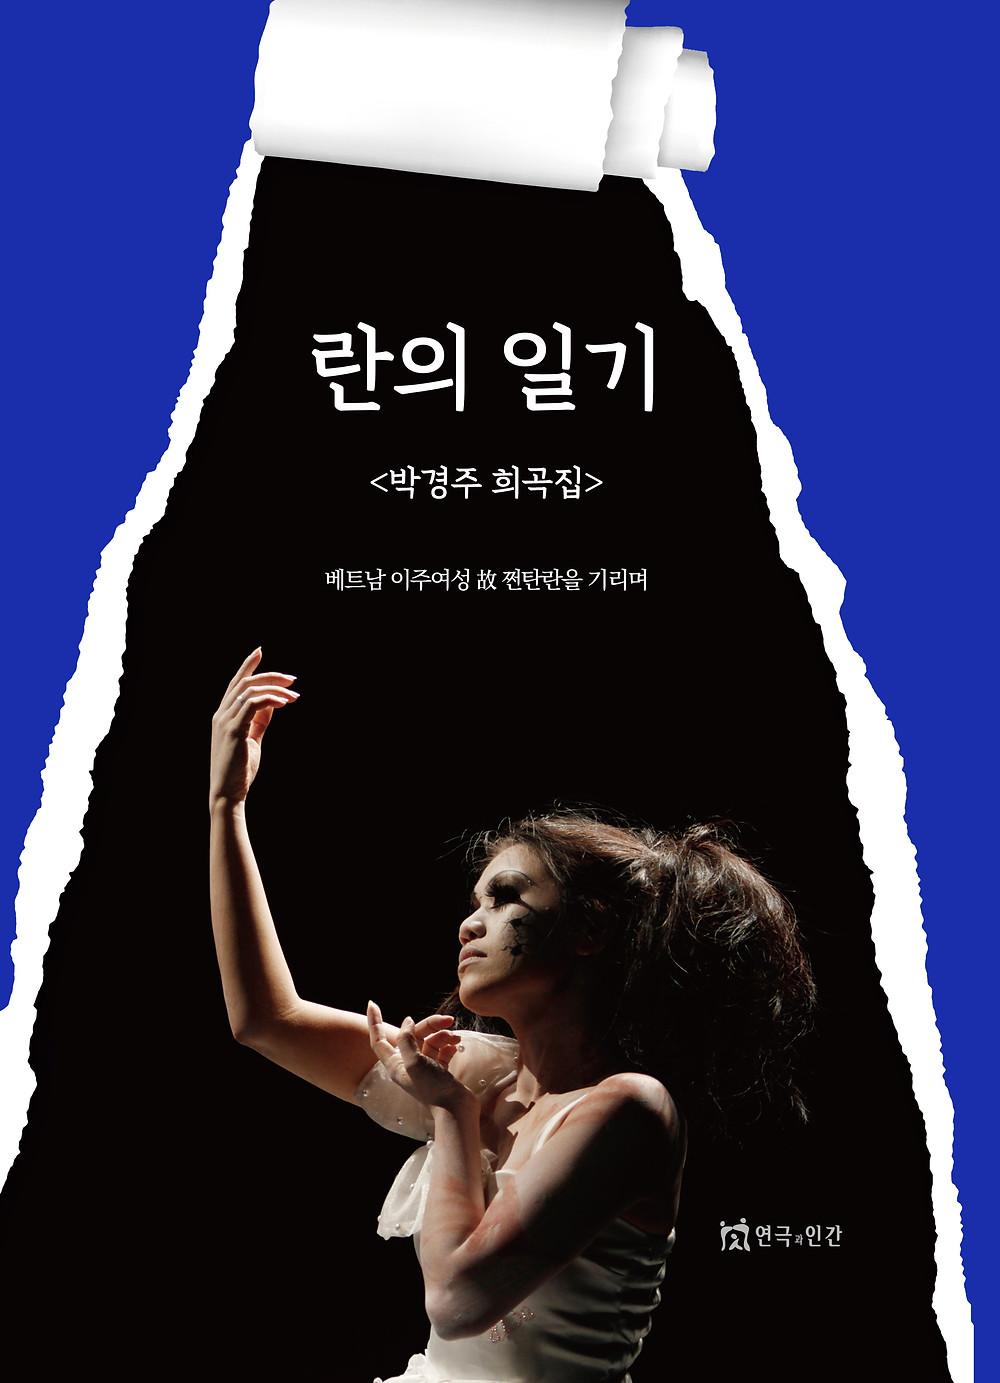 란의 일기_ 도서출판 연극과인간_20191209